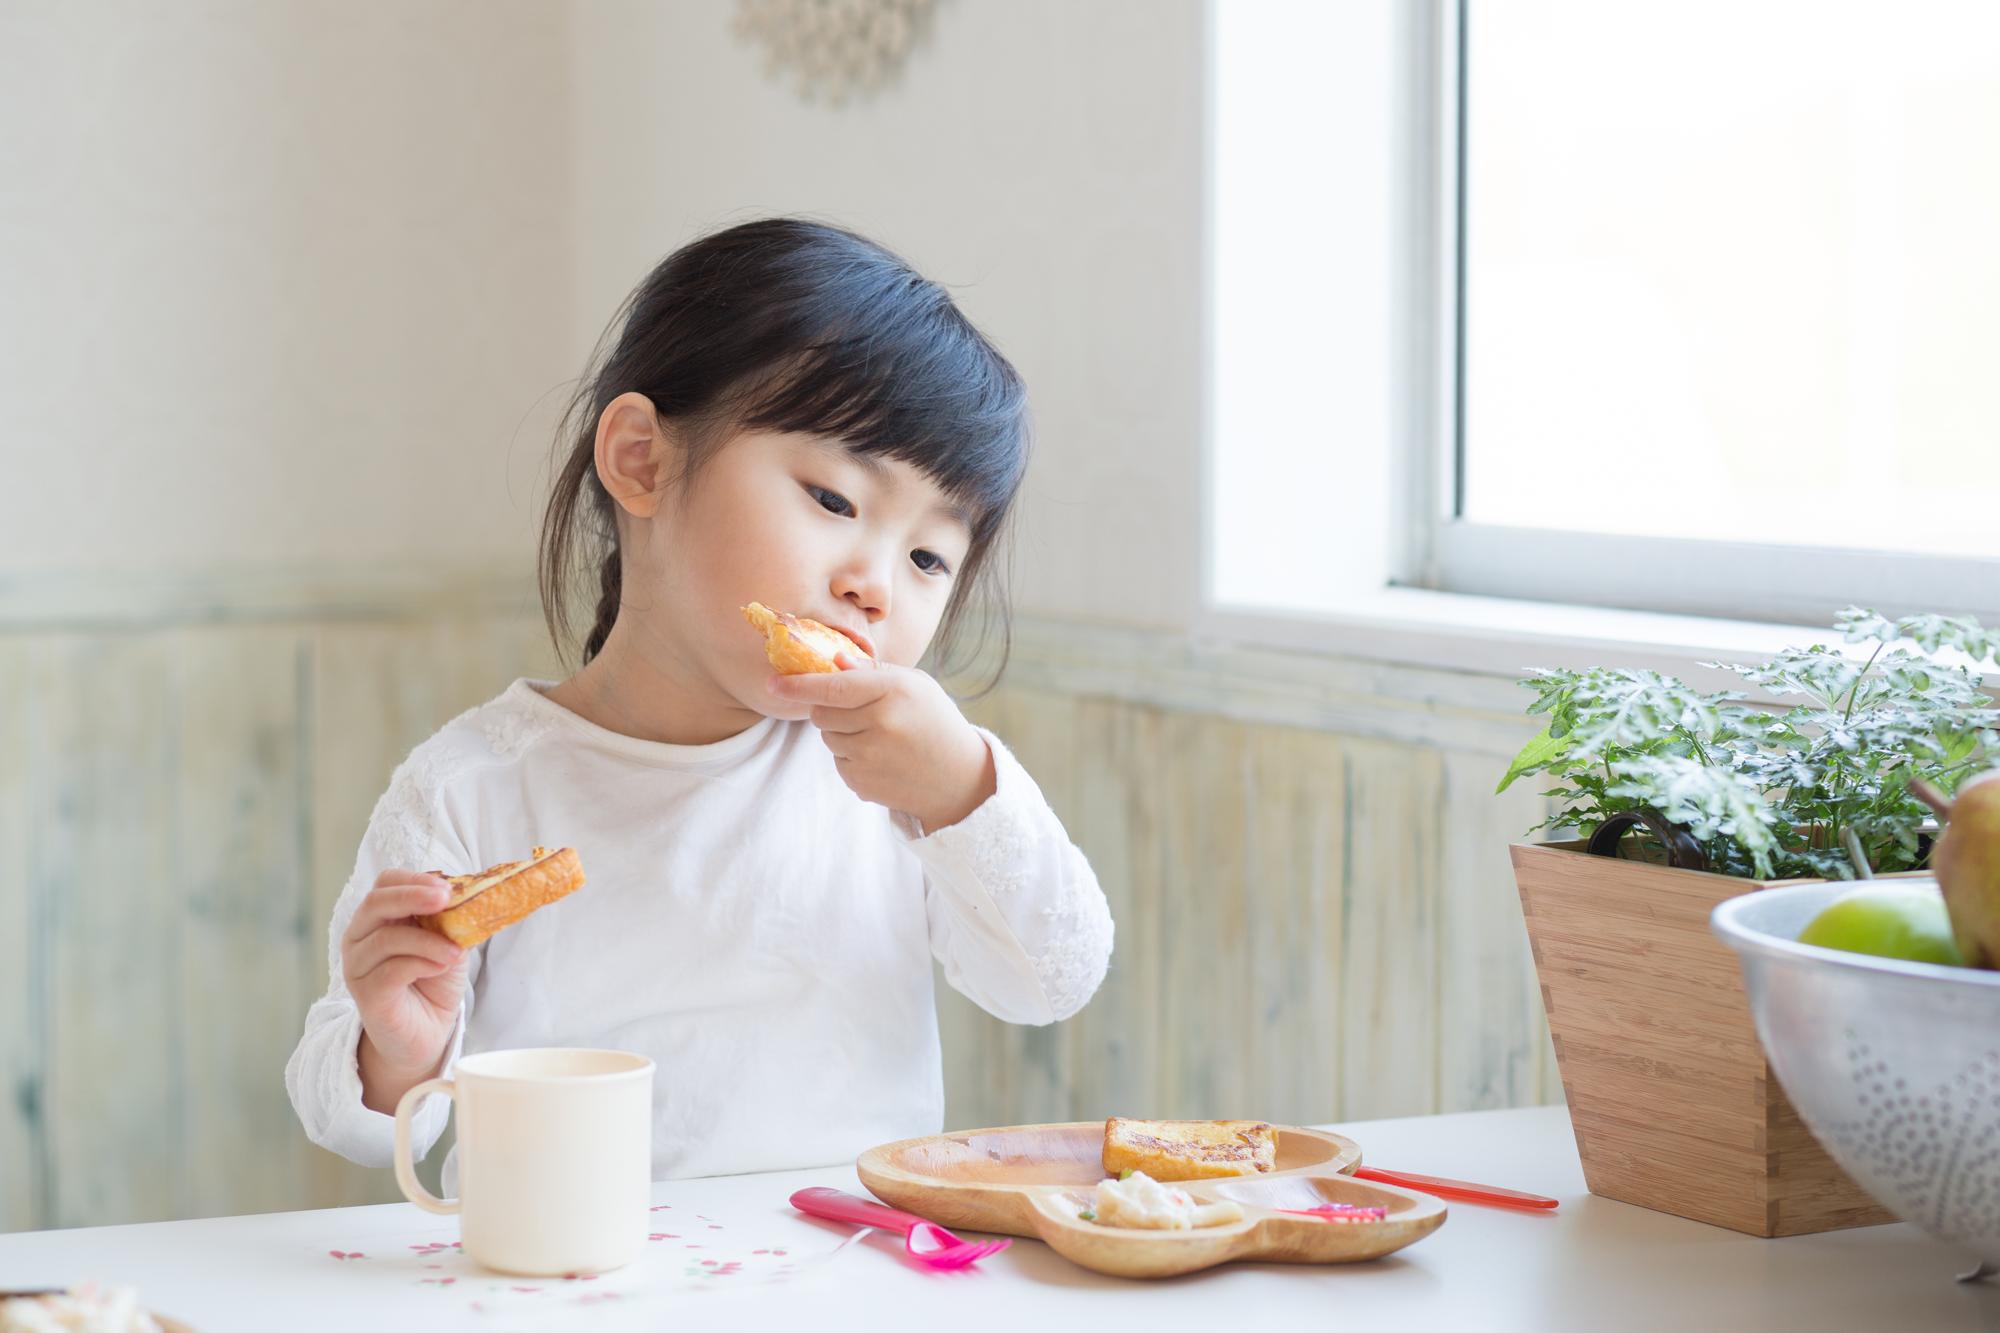 インフルエンザにかかったときにおすすめしたい食事のコツと、予防に効果的な食べ物を紹介